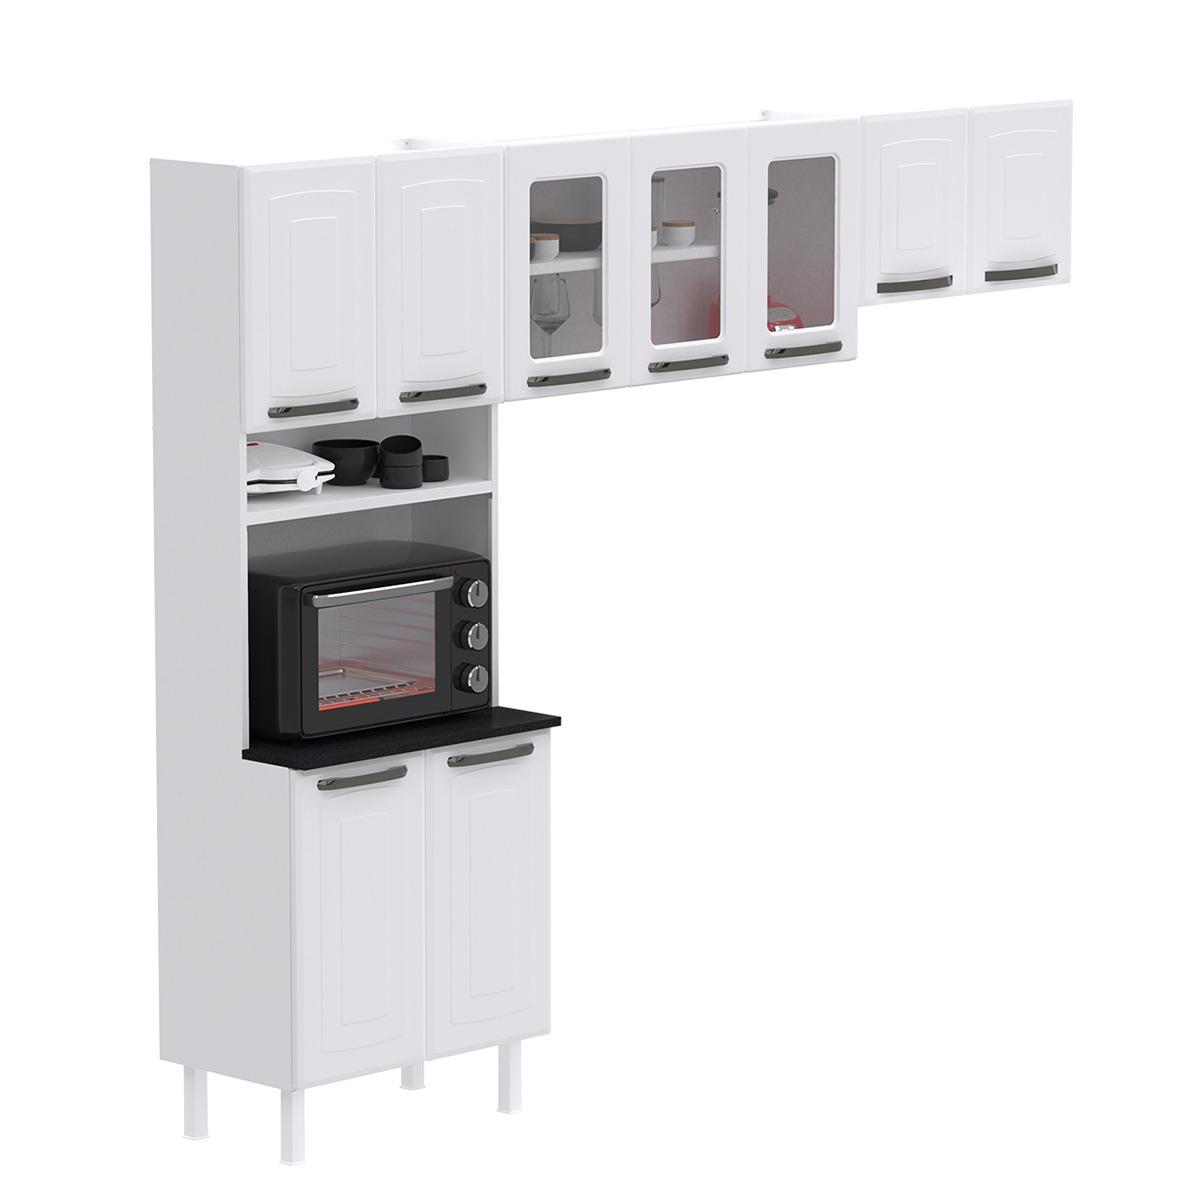 Cozinha Compacta Colormaq Titanium 3 Peças em Aço {{add_nome}}